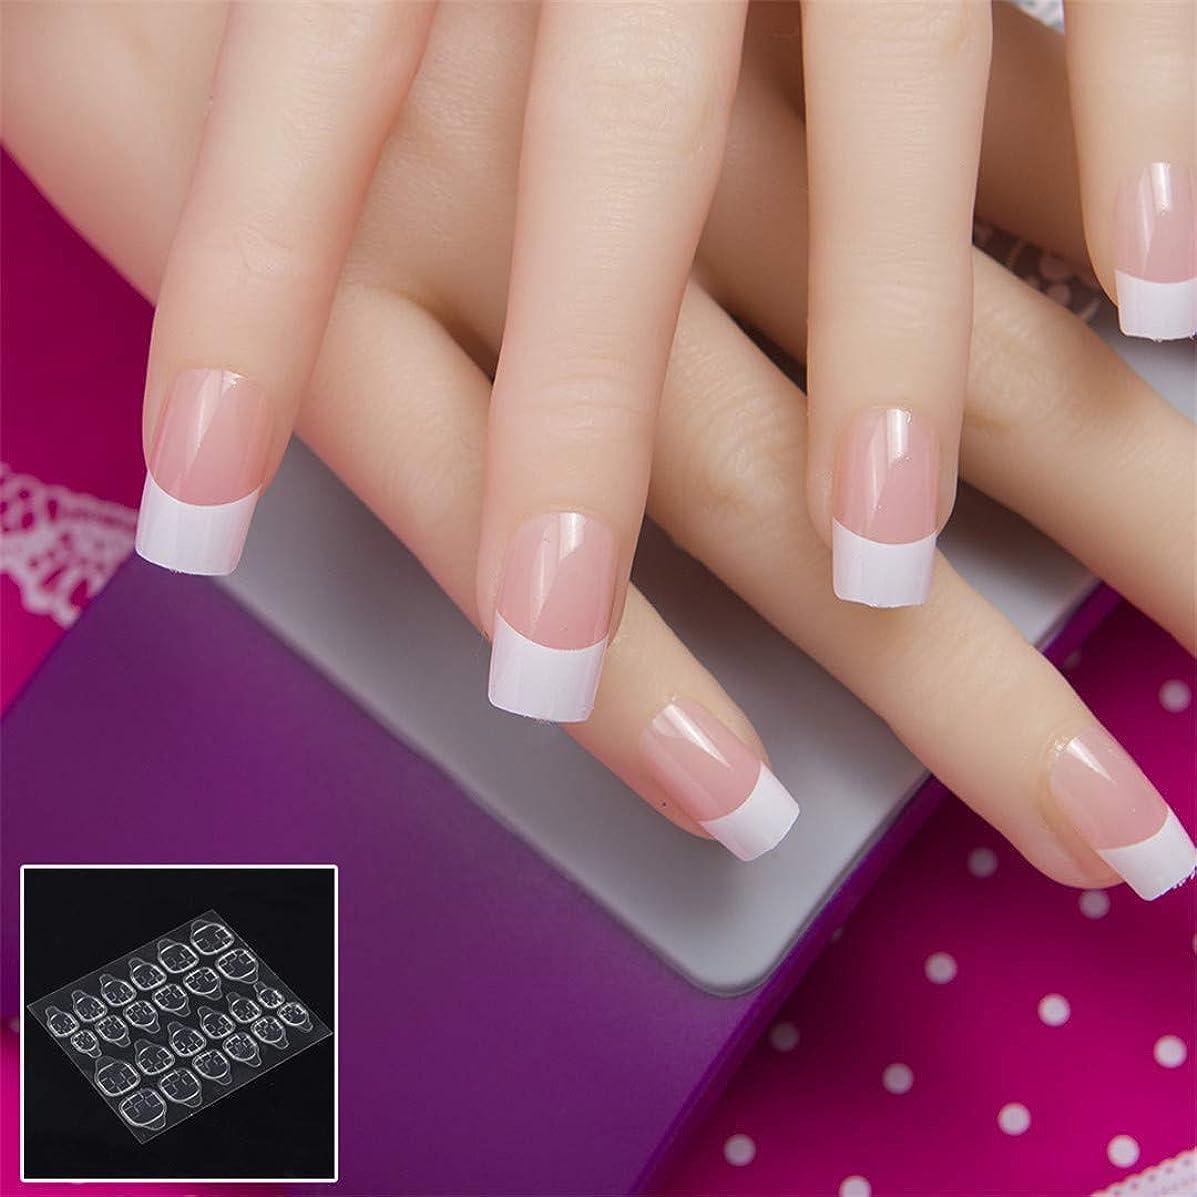 24Pcs In 1 Box With Nail Adhesive Glue Tape Press On Nail Tips Full Cover False Nail Tips Square Fake Nail Tips K5